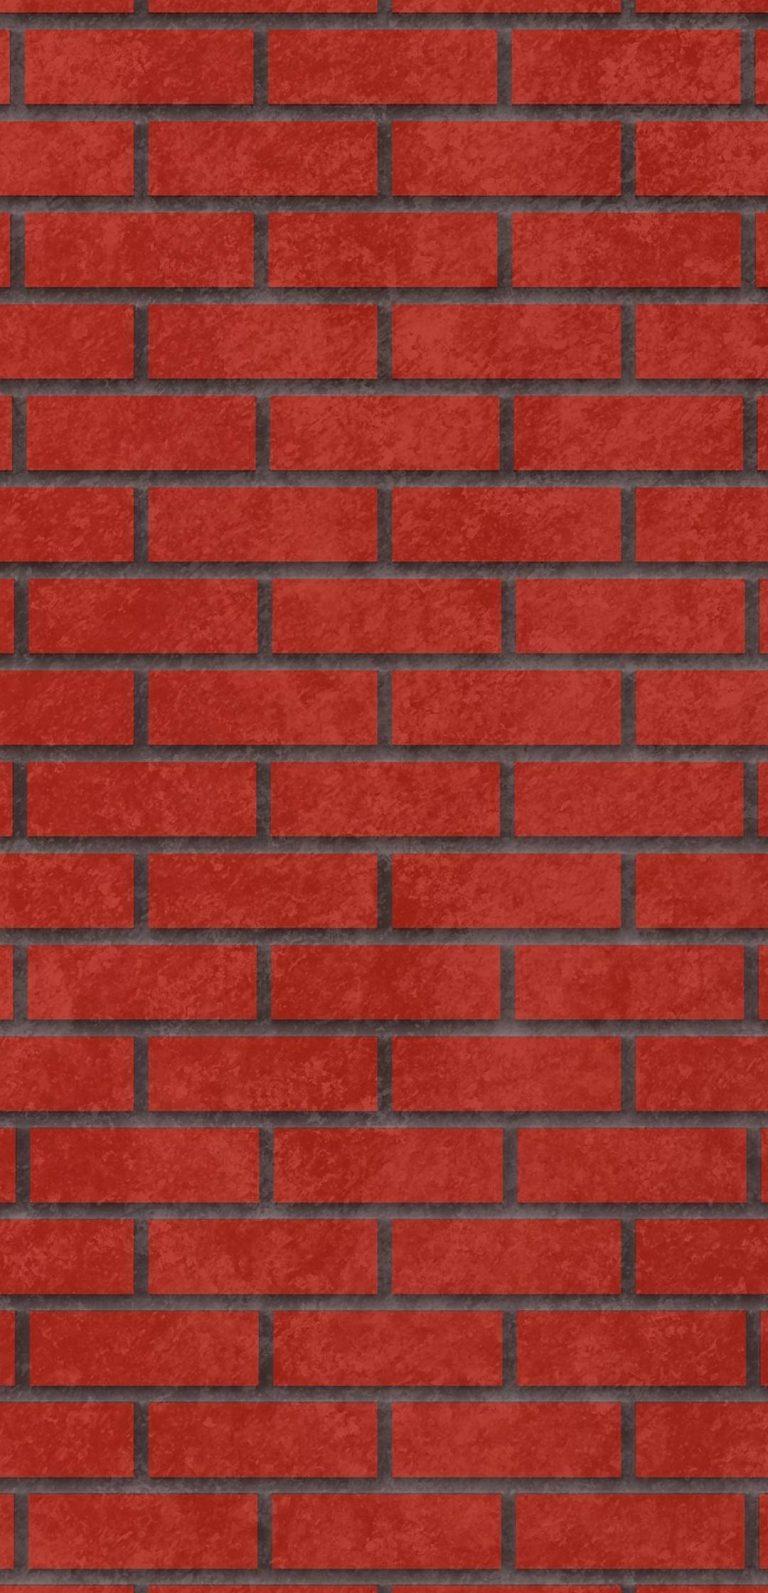 1080x2240 Wallpaper 023 768x1593